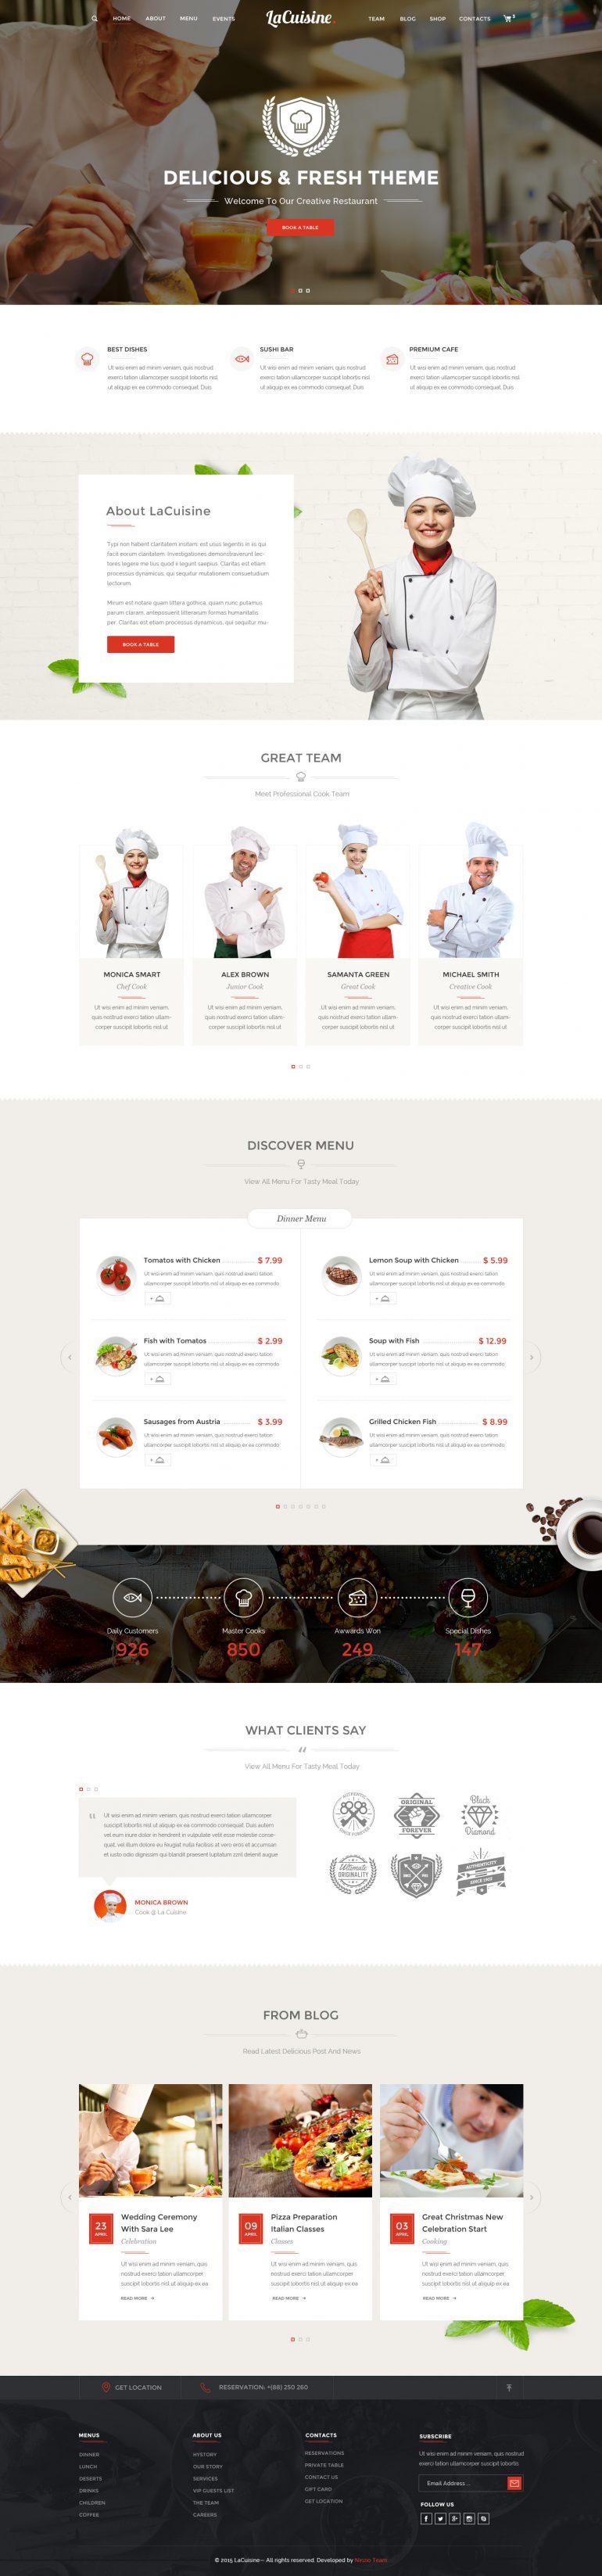 LaCuisine – Restaurant / Cafe